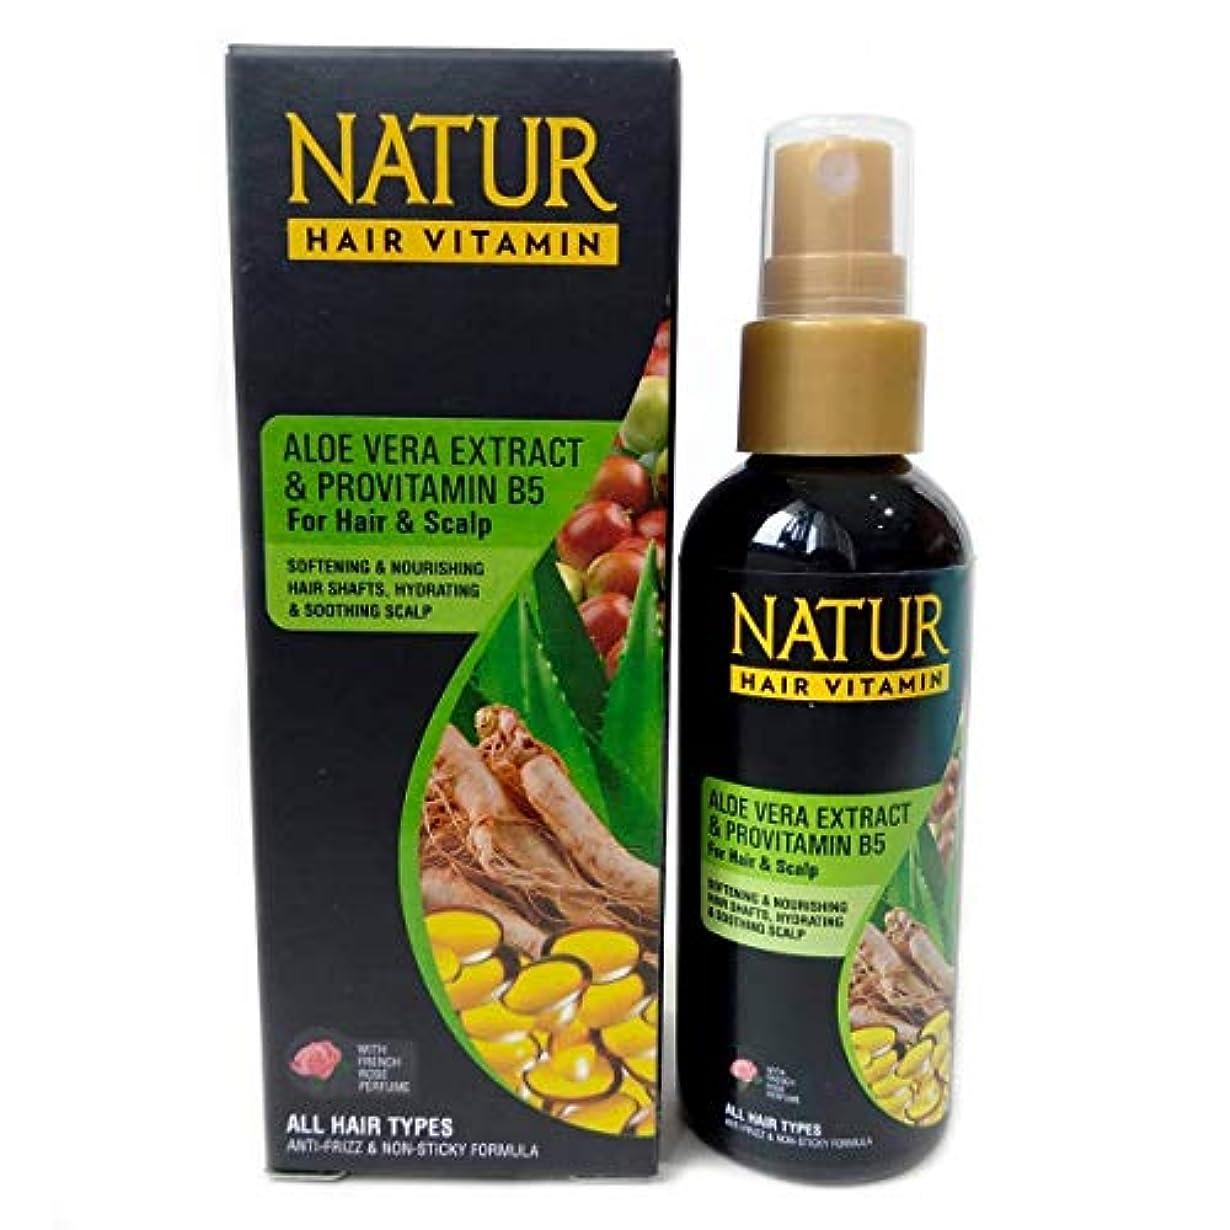 メイトダウン縫い目NATUR ナトゥール 天然植物エキス配合 Hair Vitamin ハーバルヘアビタミン 80ml Aloe vera&Provitamin B5 アロエベラ&プロビタミンB5 [海外直商品]